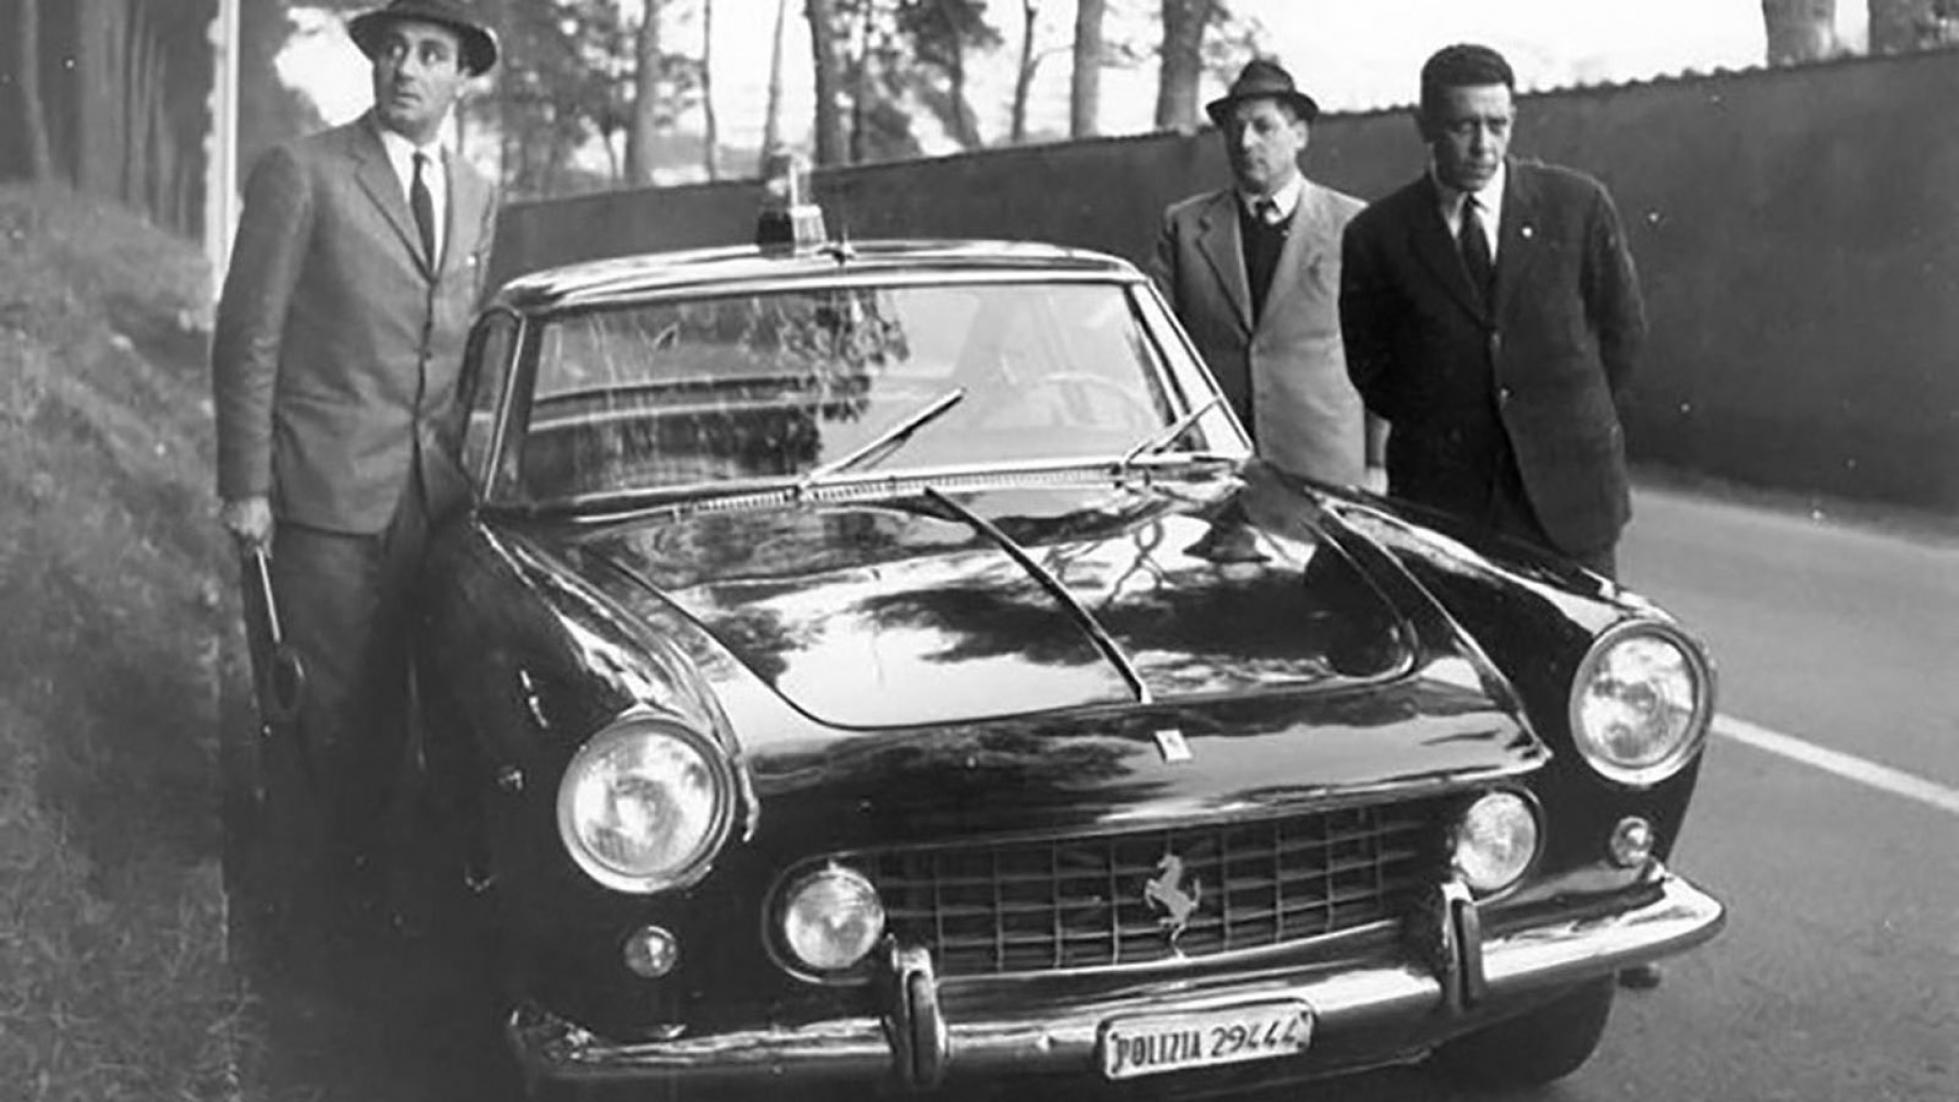 Ferrari-250-GTE-Polizia-1962-10